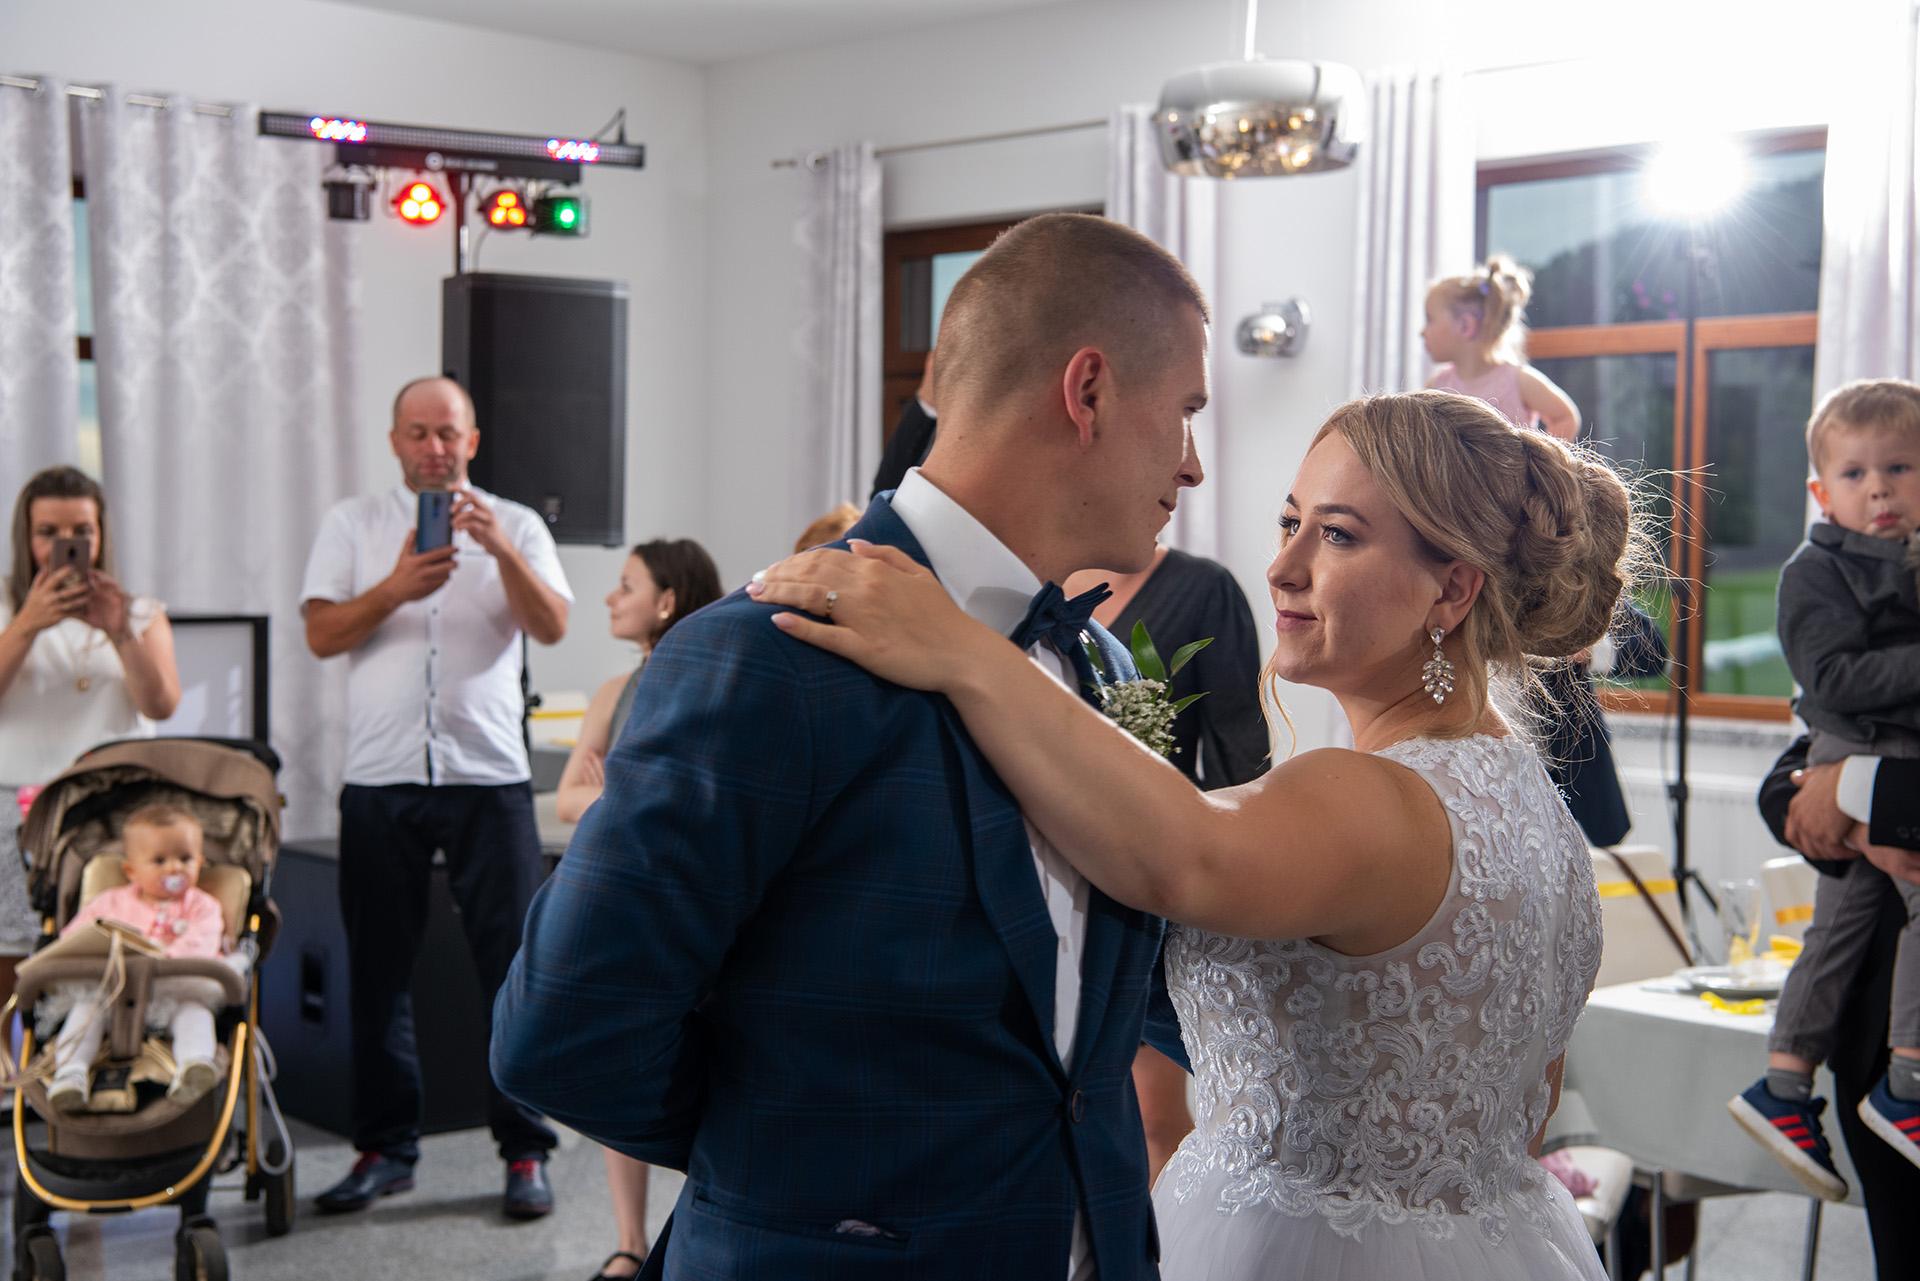 pierwszy taniec wesele - fotograf ślubny - fotografia ślubna - zdjecia podczas wesela